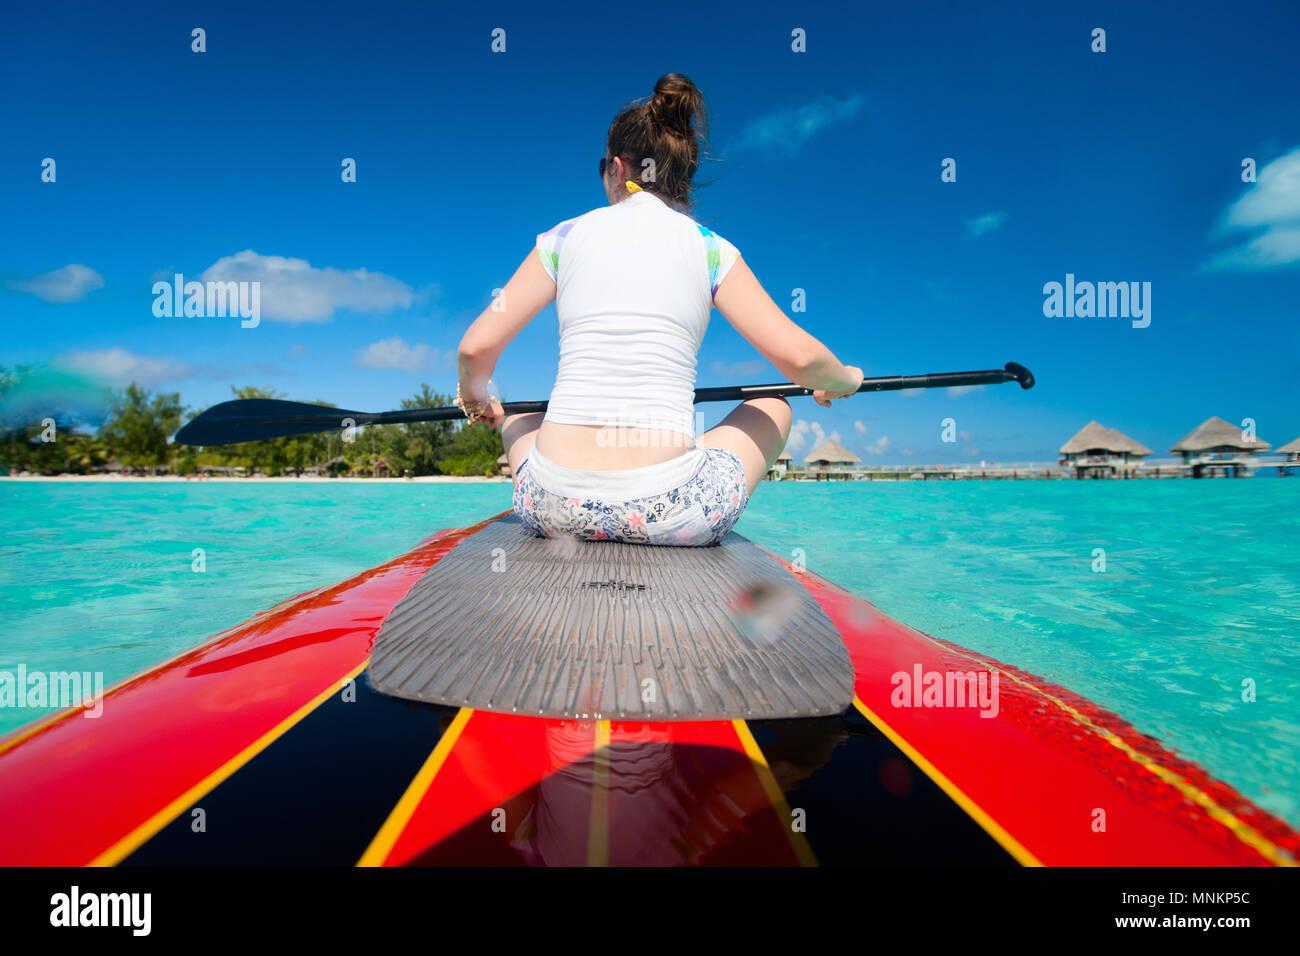 Vista posterior de la joven mujer deportiva en paddle board Imagen De Stock